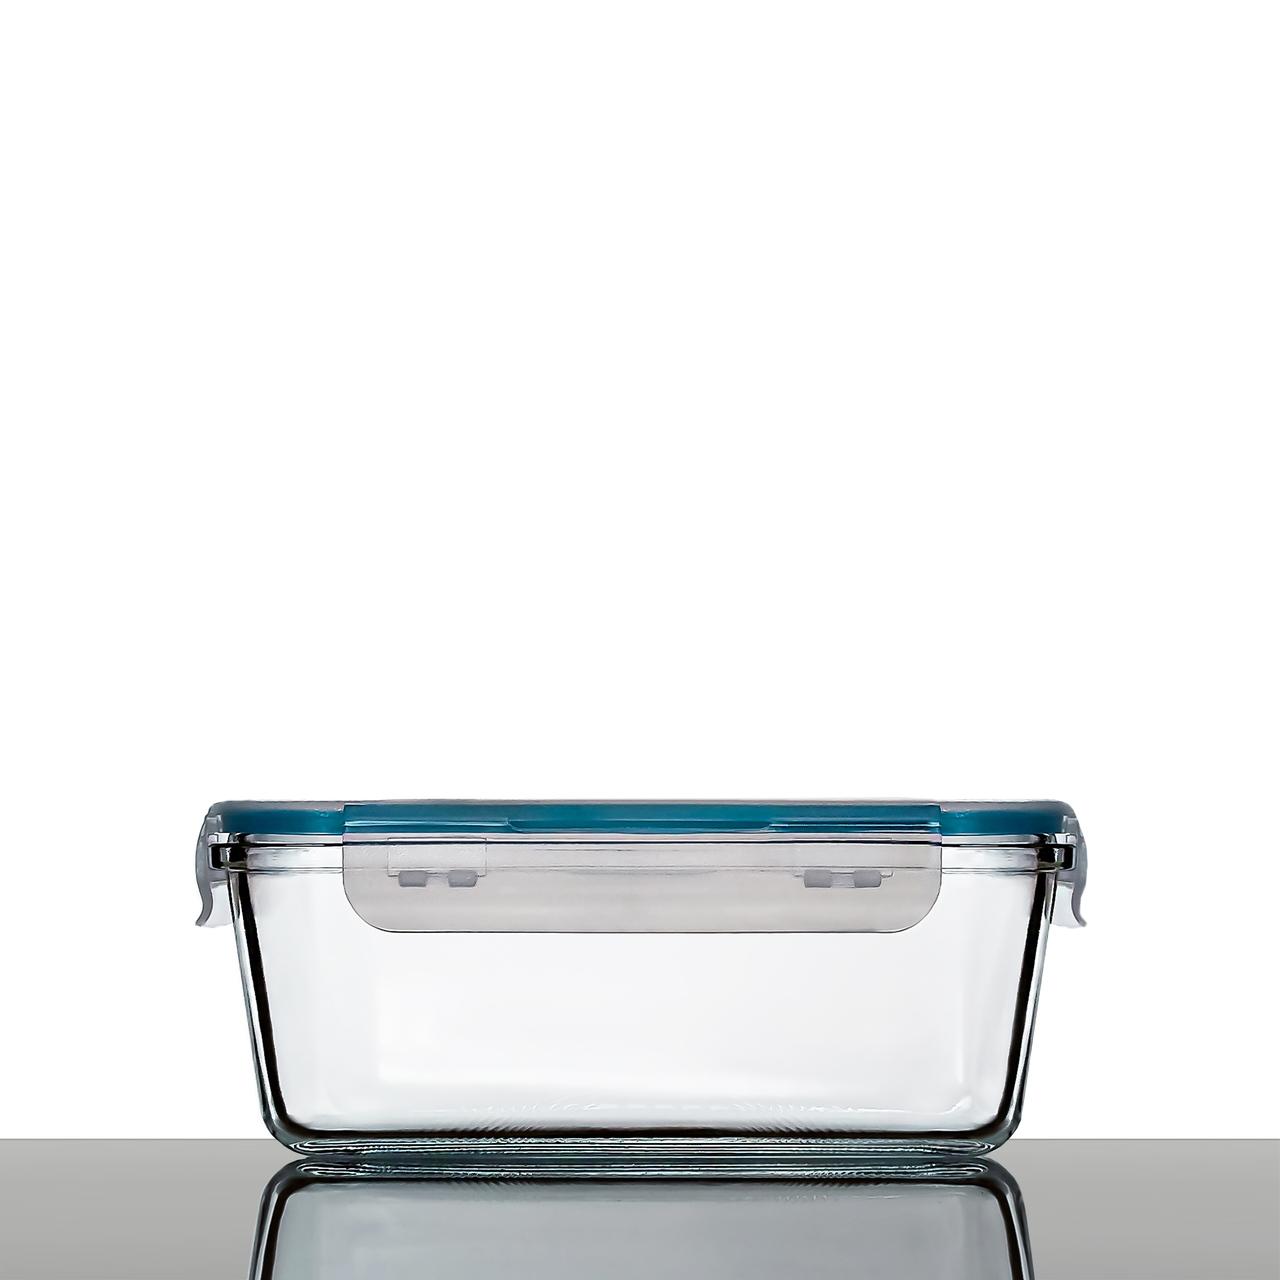 storage aufbewahrungsglas rechteckig storage jenaer glas serie k chenhelfer. Black Bedroom Furniture Sets. Home Design Ideas